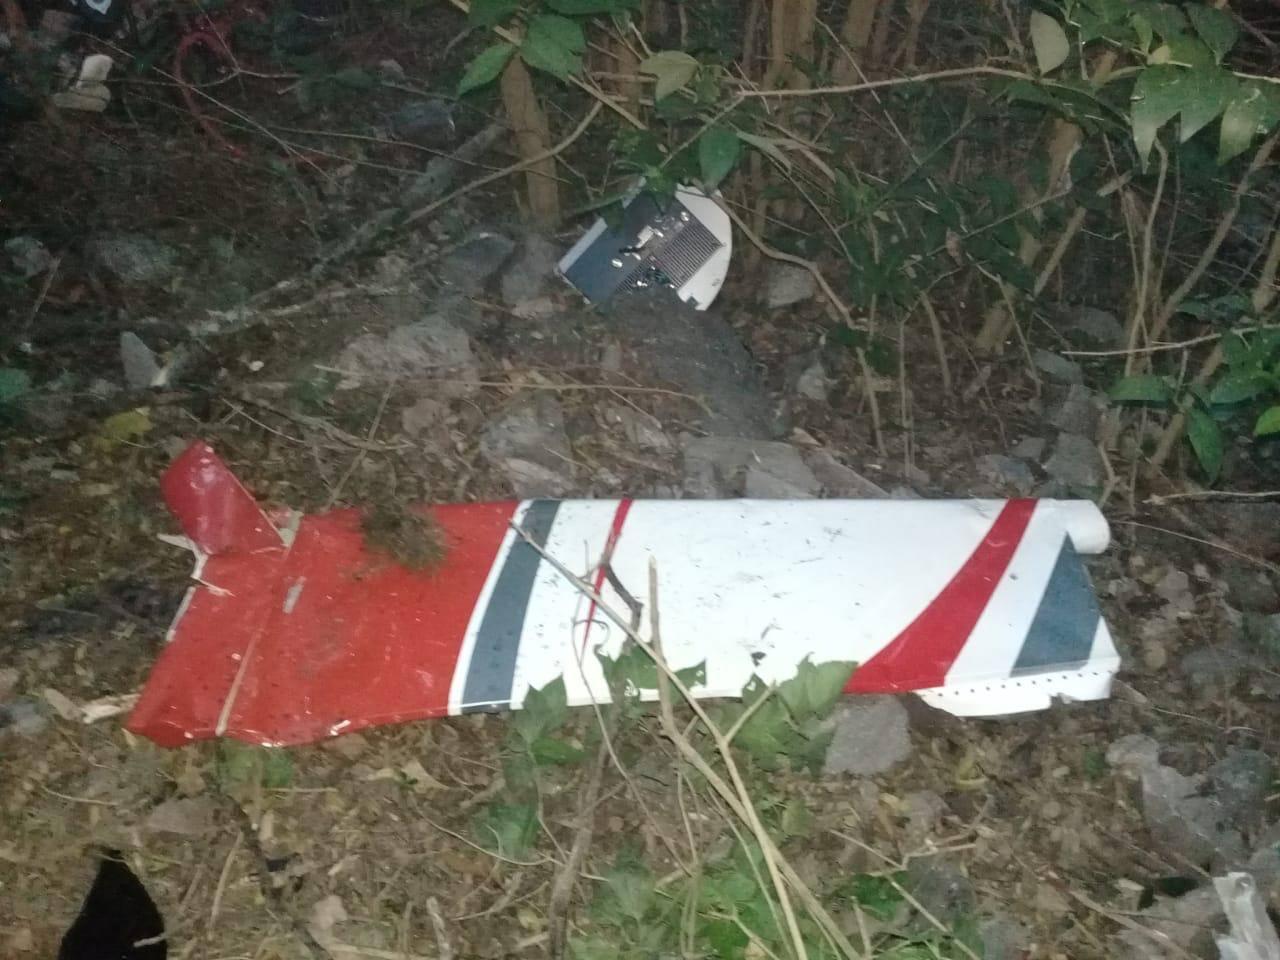 Cayó una avioneta y dos mujeres resultaron con quemaduras - Policiales